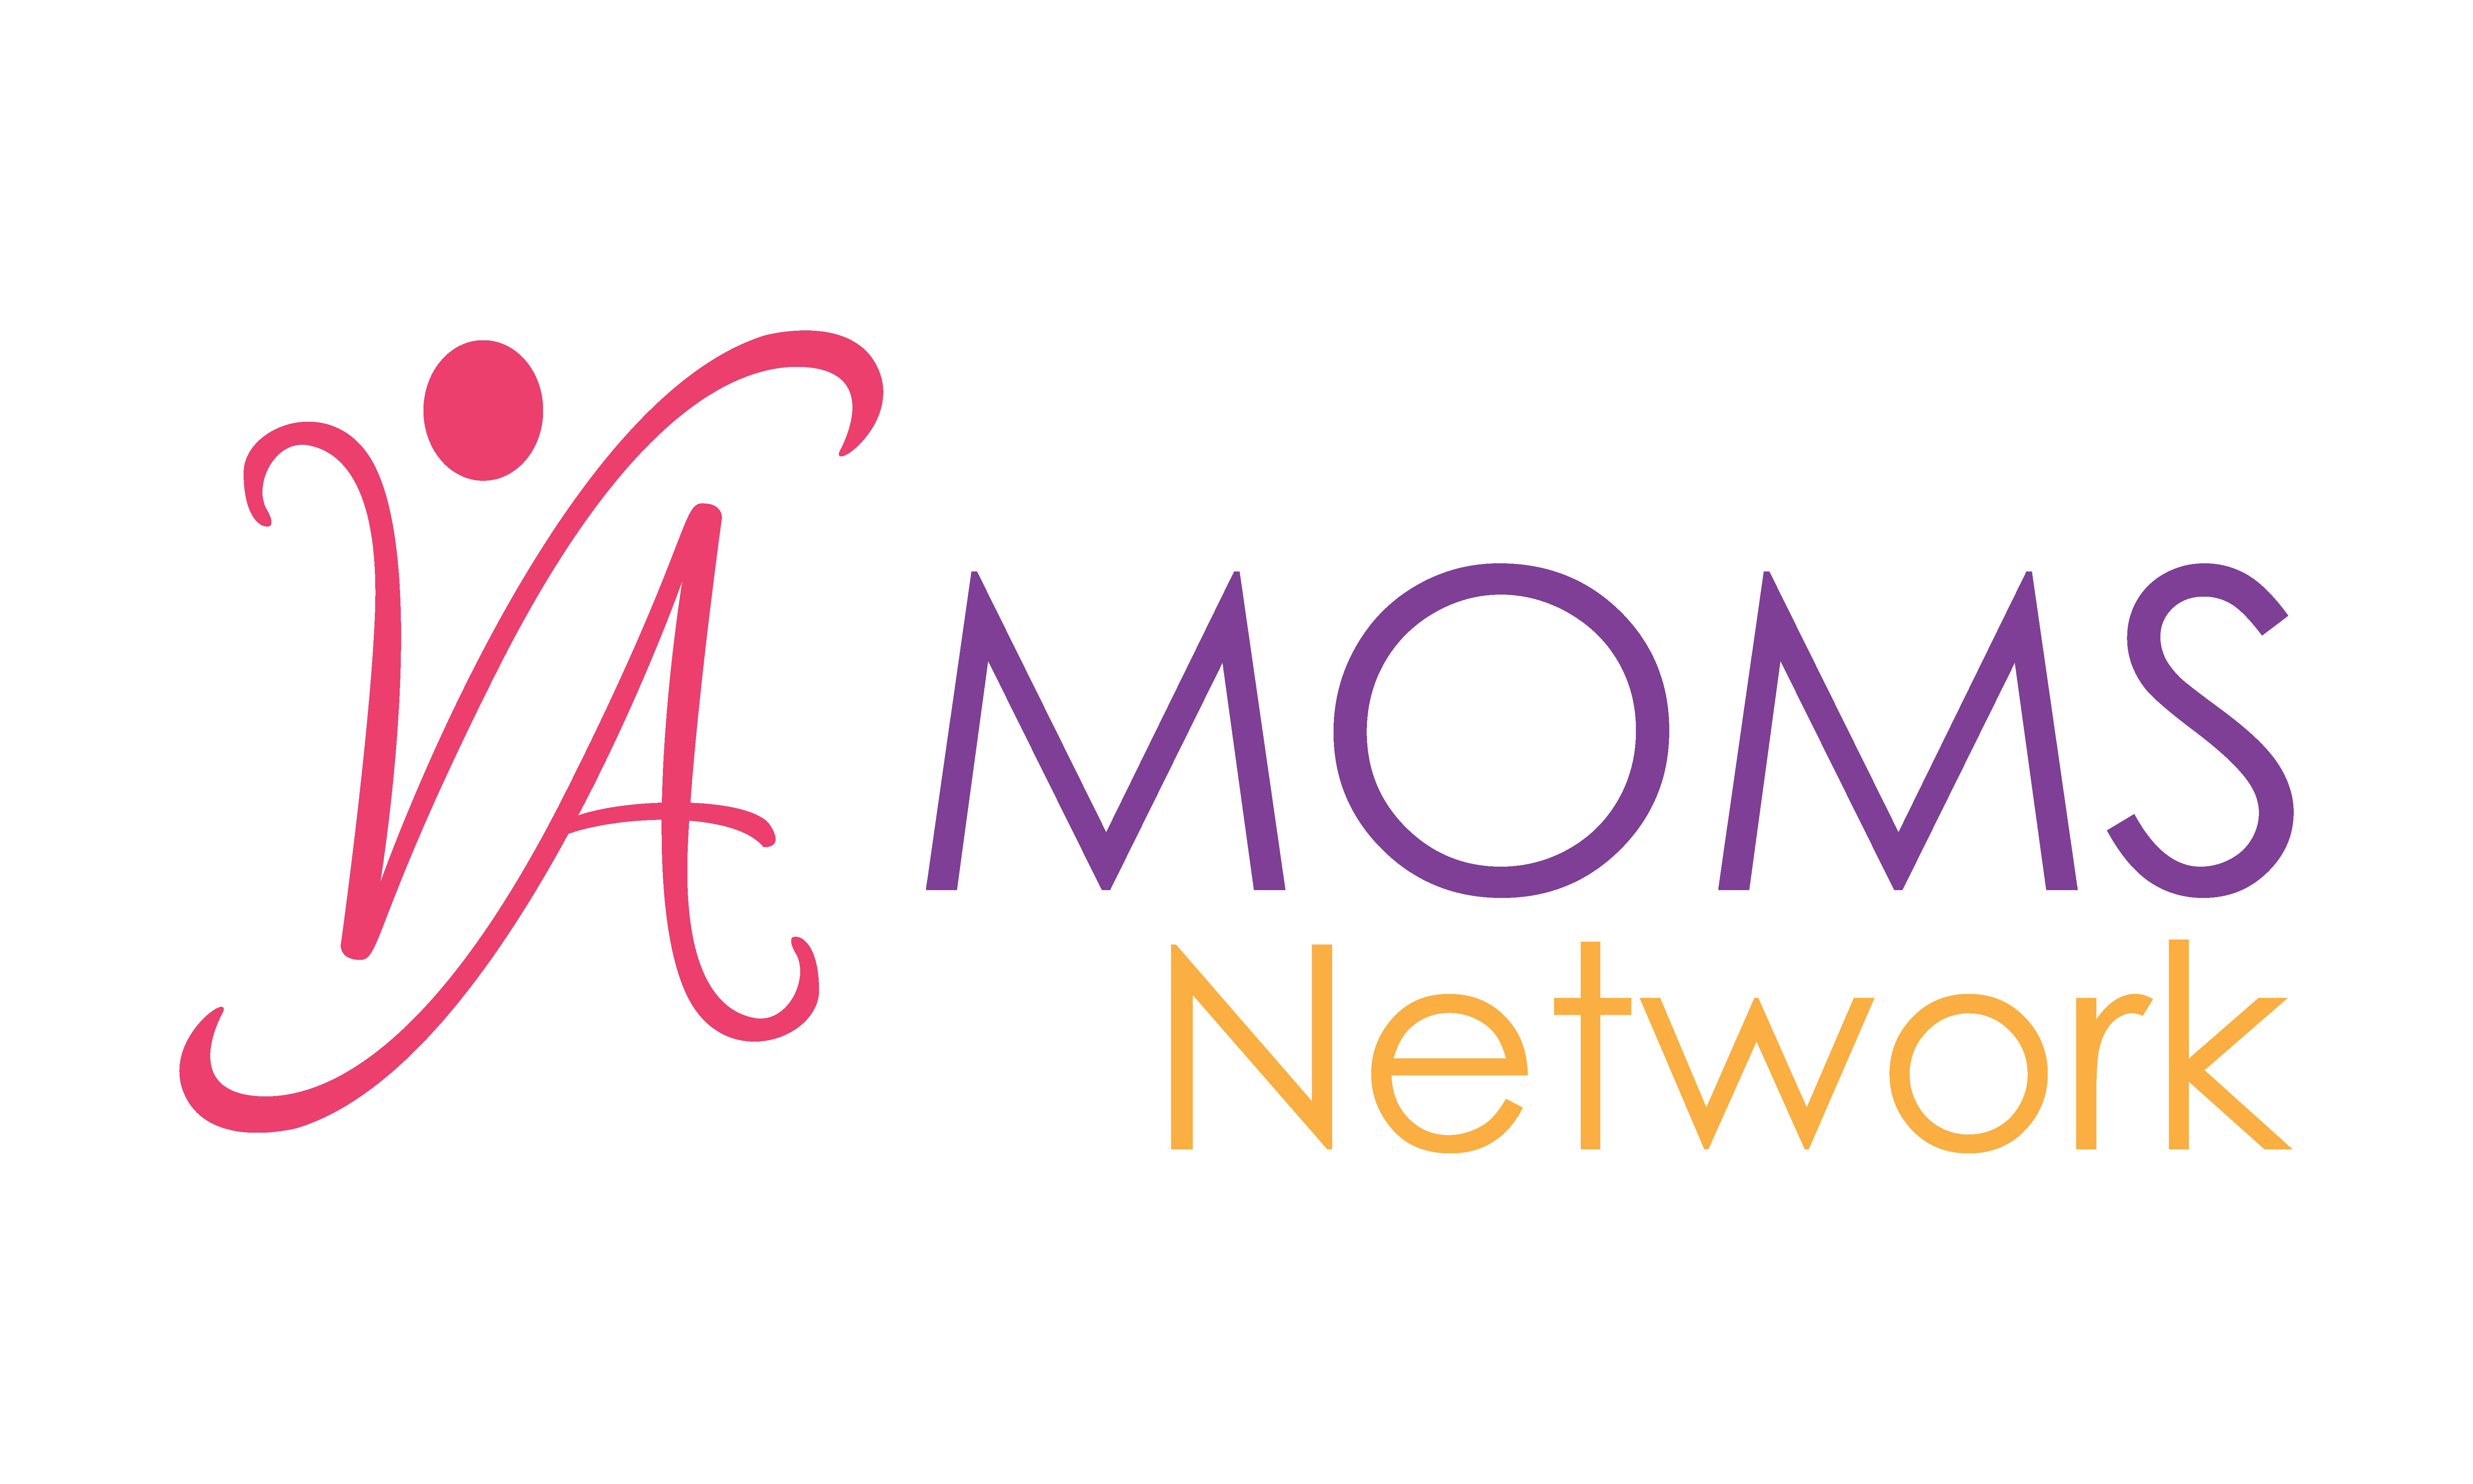 Footer Logo: VA Moms Network